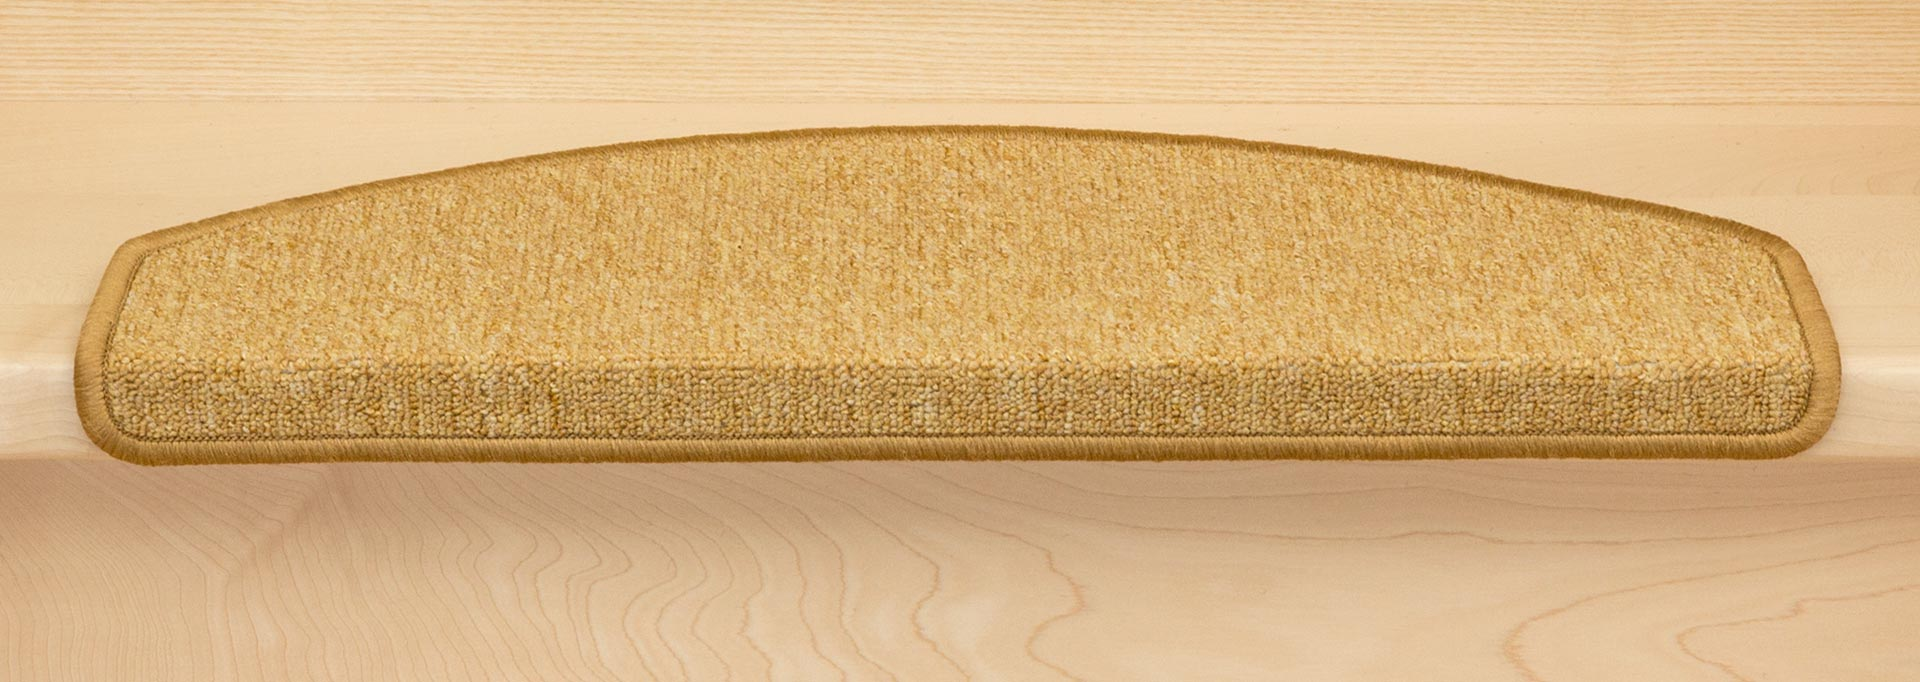 Stufenmatten-Rambo-New-versch-Farb-u-Set-Varianten-10-30-Stk-amp-Fleckentferner Indexbild 35